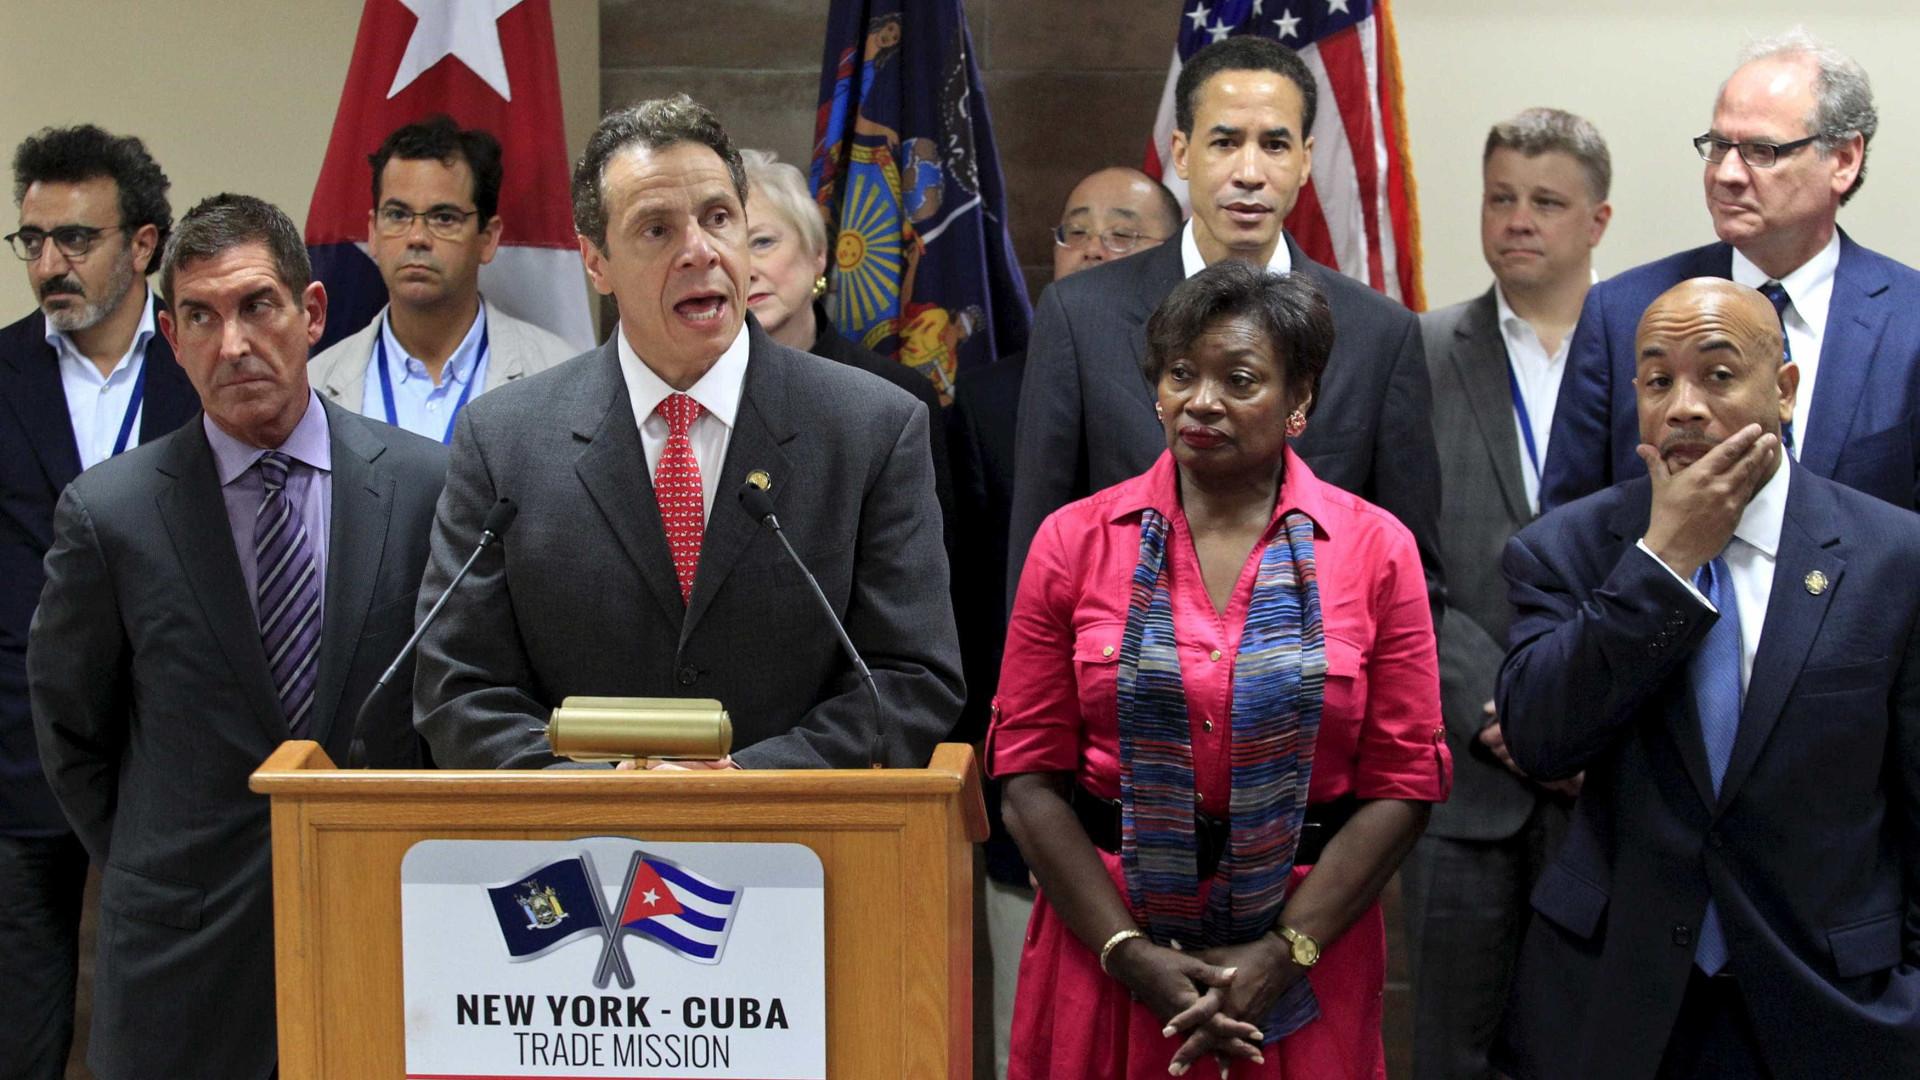 Andrew Cuomo proíbe agências estaduais de inquirir estatuto migratório